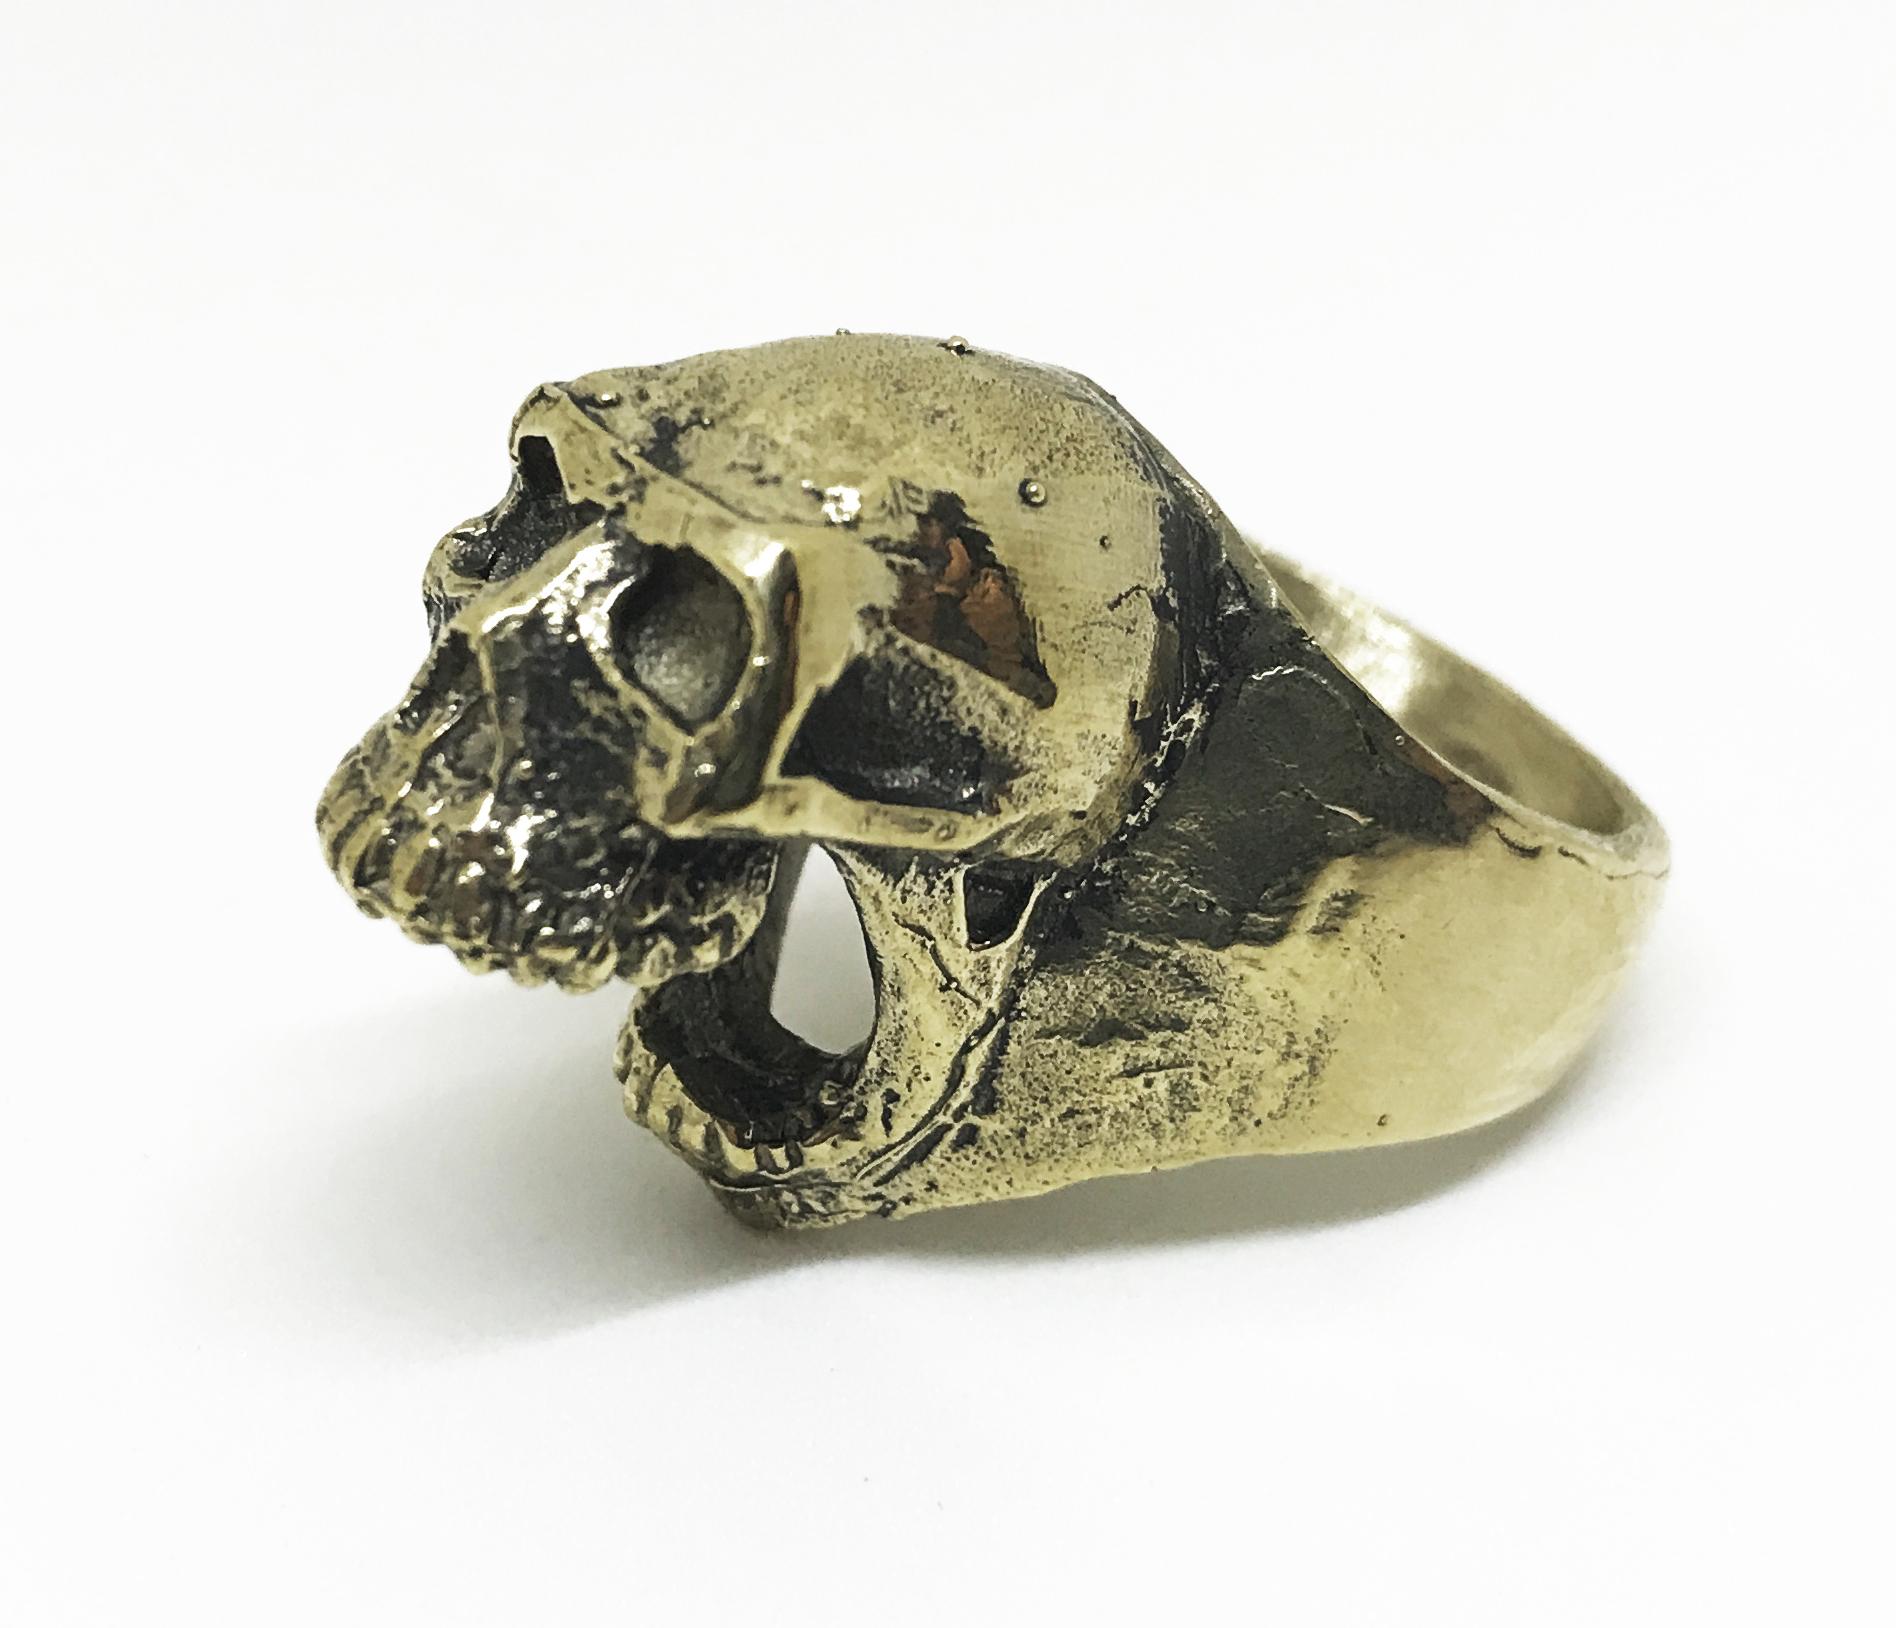 Biting Skull Ring Bottle Opener - Bronze. Sizes 7.5-10.5 MSRP $75. Sizes 11 & up MSRP $85